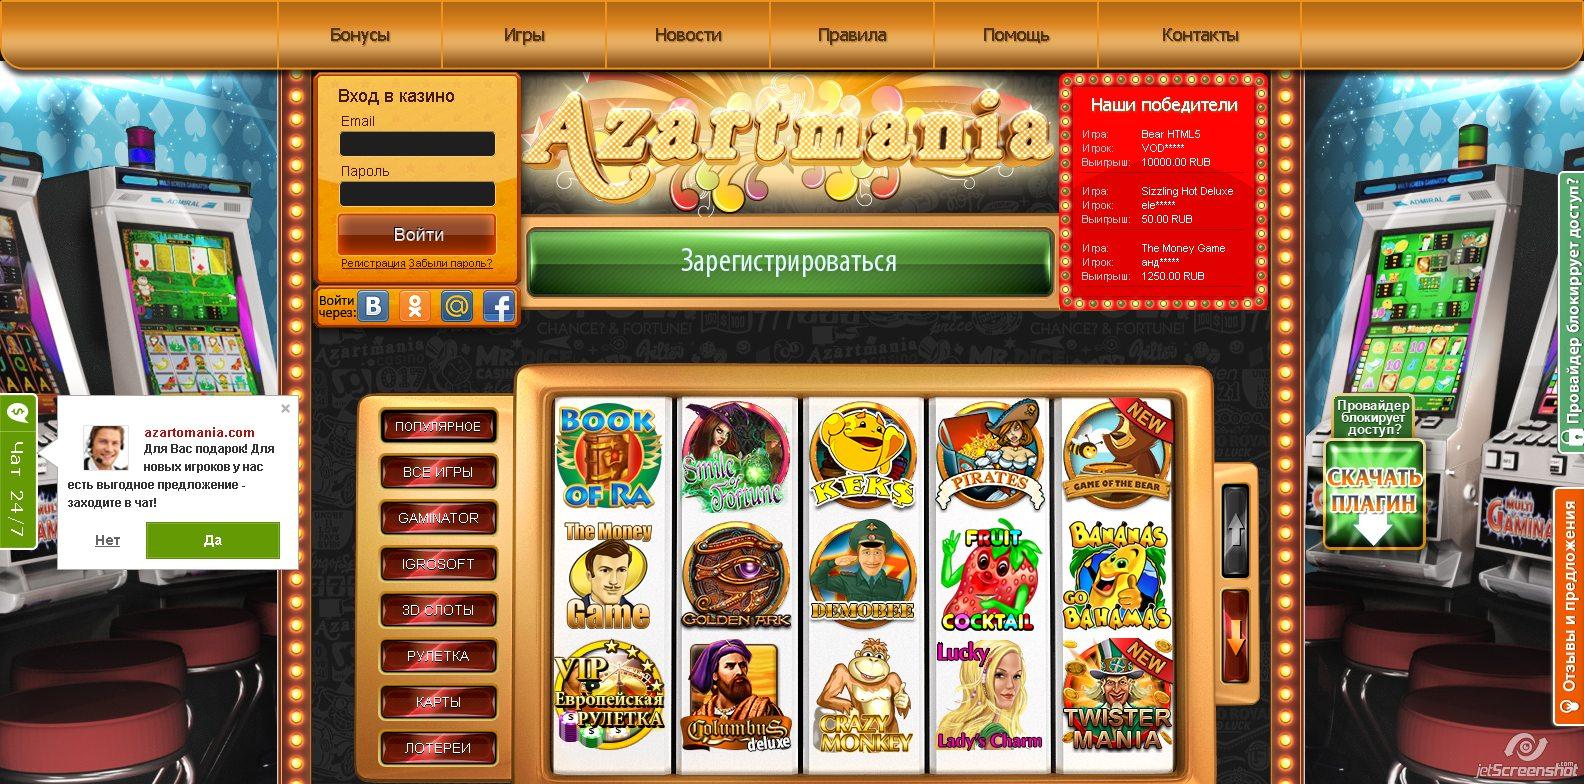 onlayn-kazino-azartmaniya-otzivi